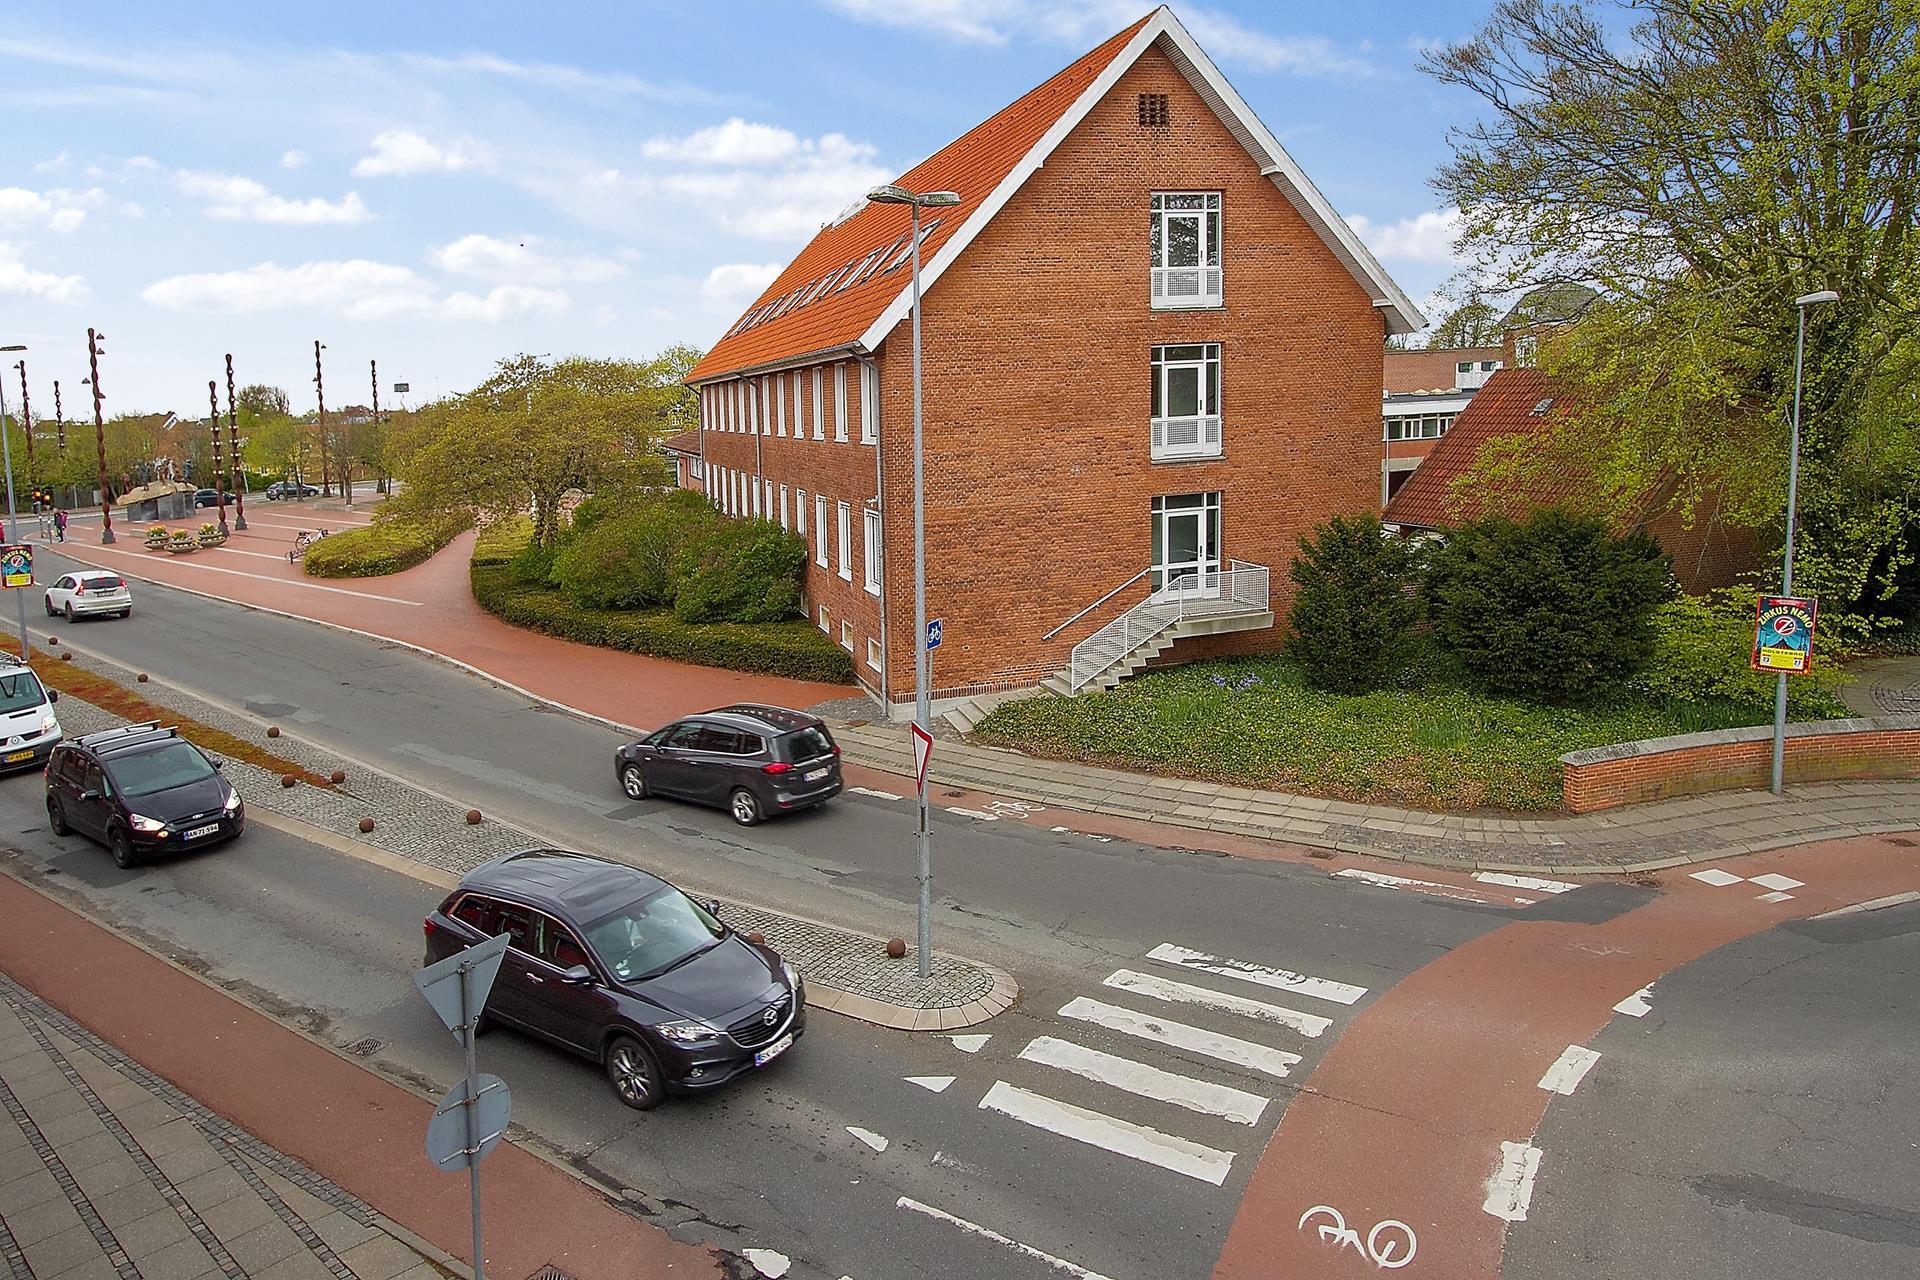 Bolig/erhverv på Nørreport i Holstebro - Andet